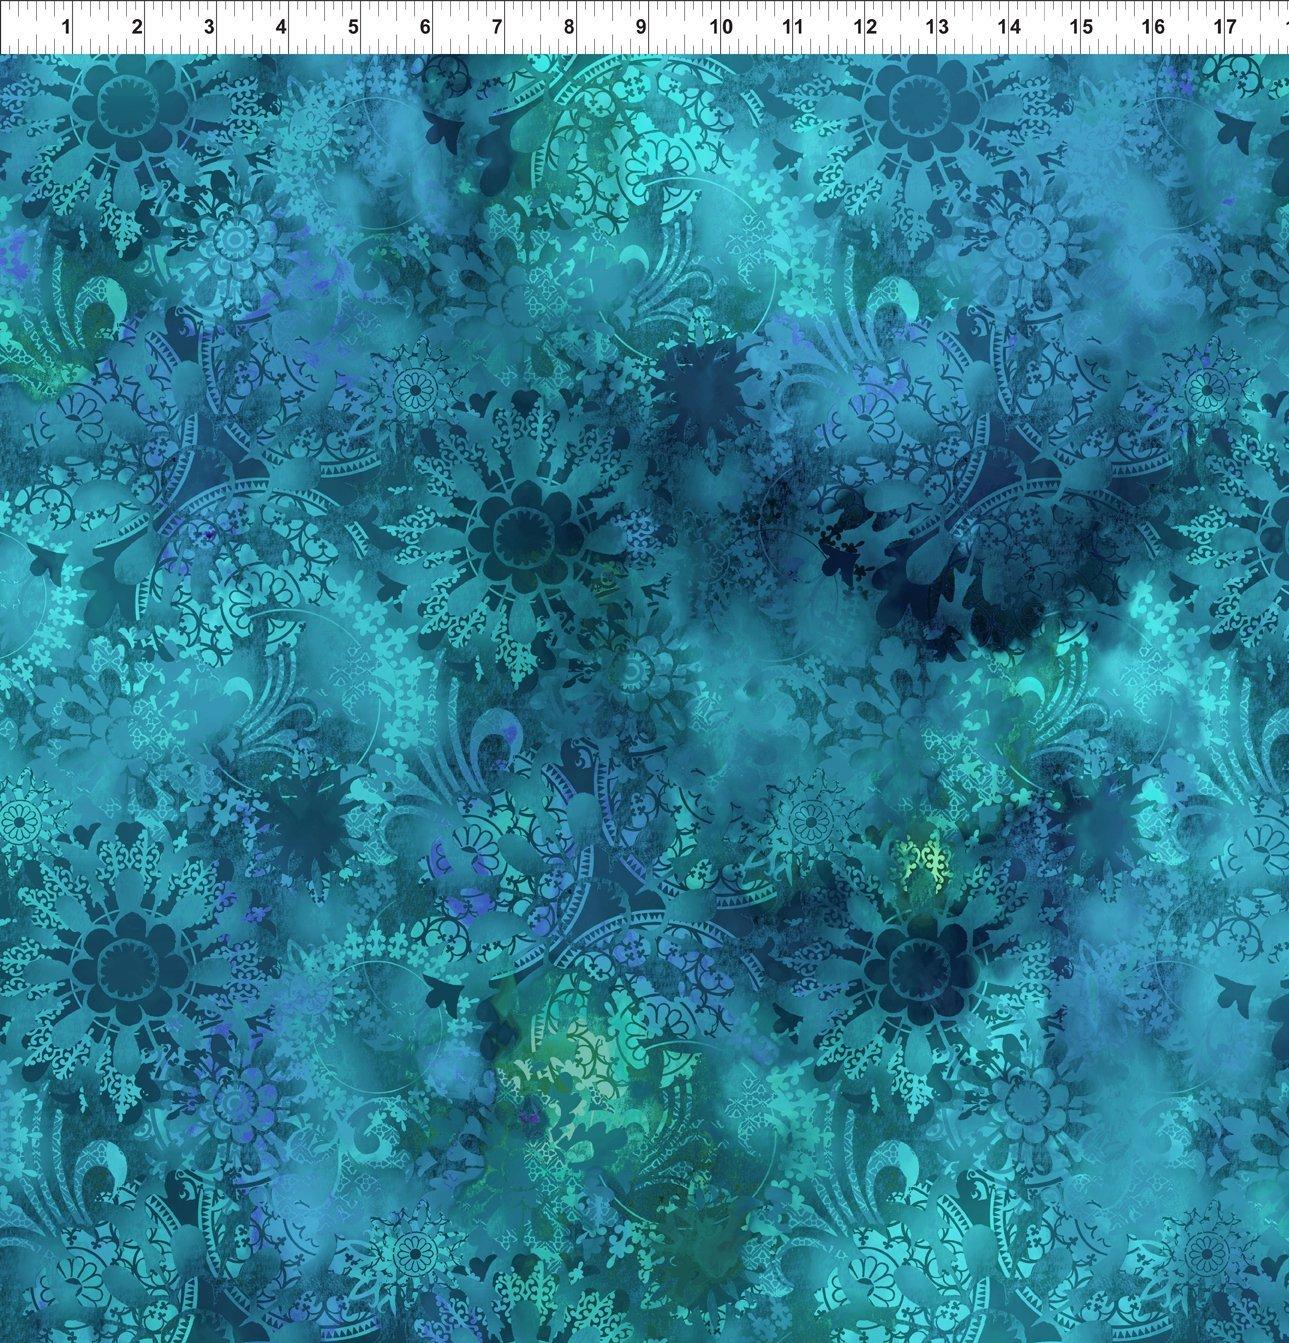 Diaphanous - Mystic Lace 'teal'